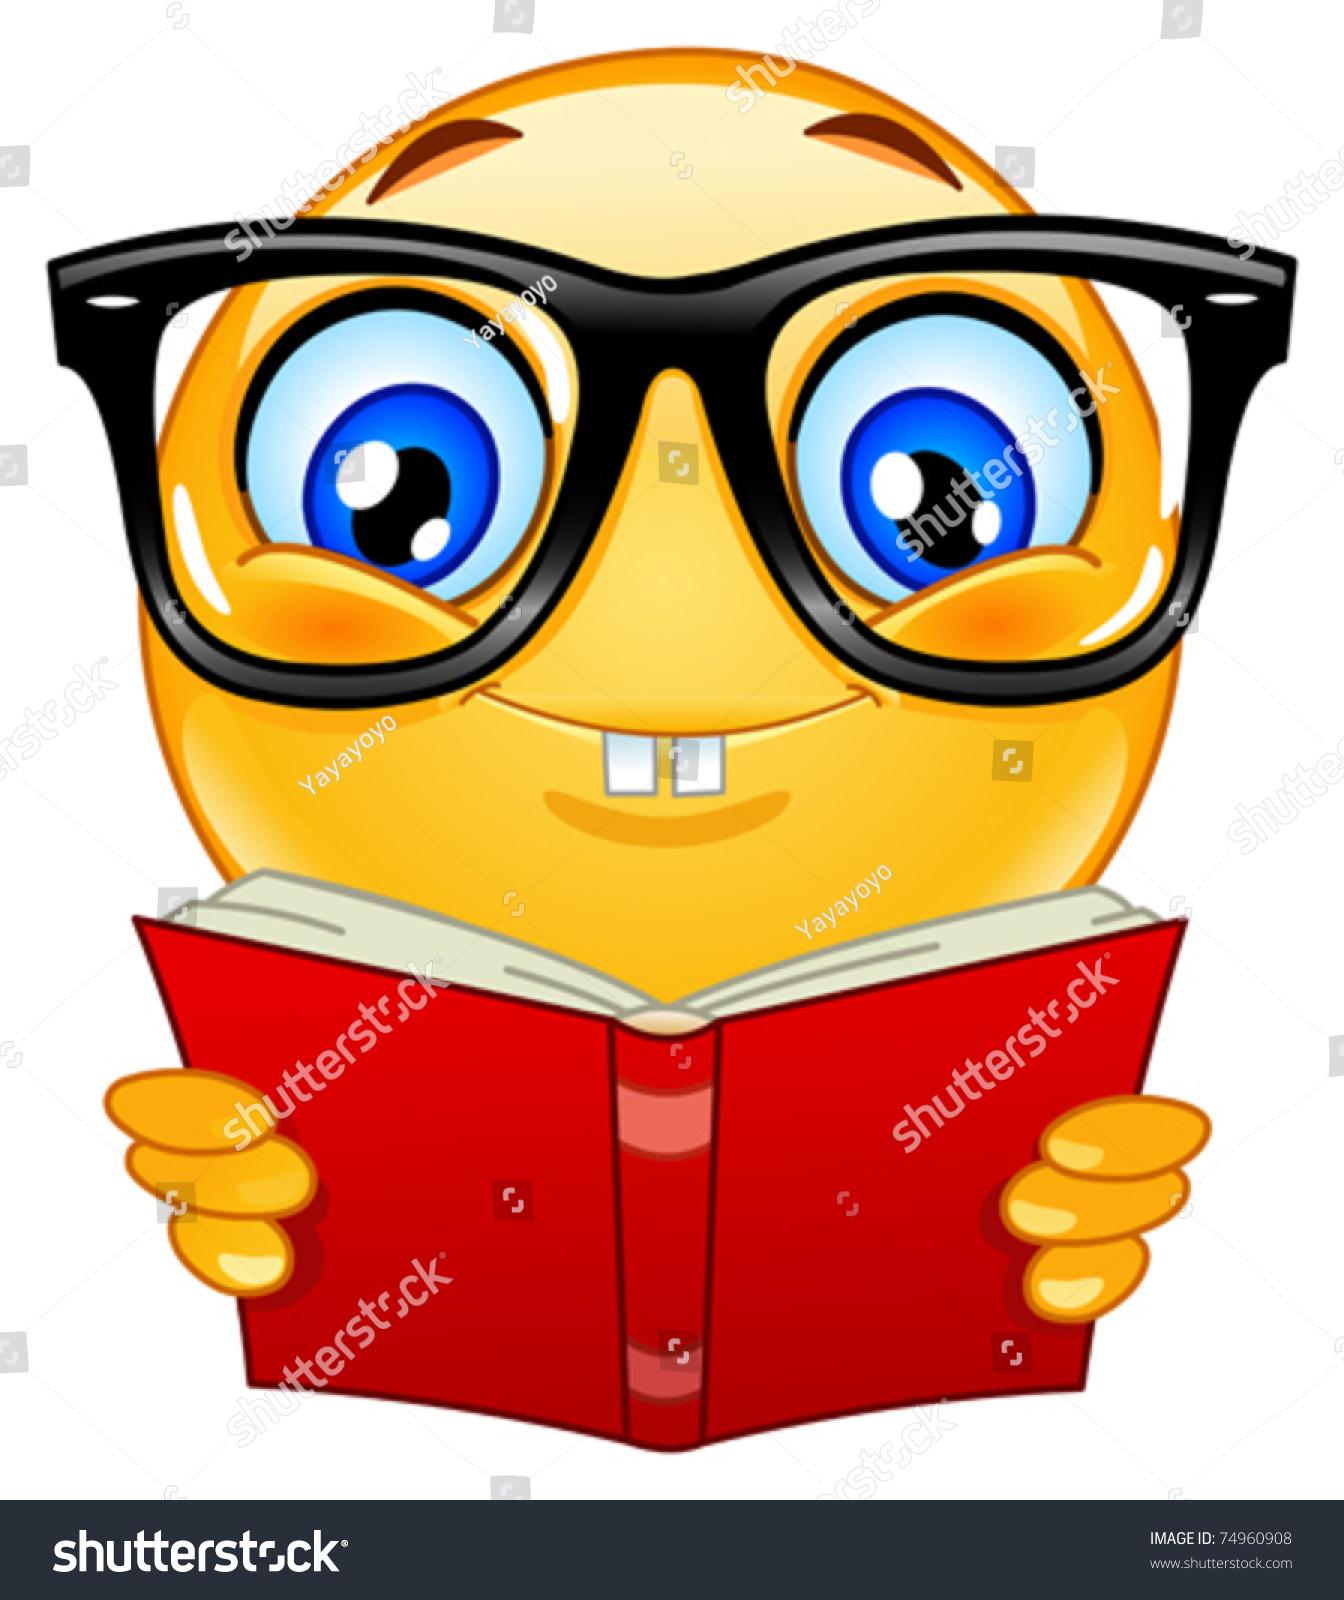 Nerd Emoticon Stock Vector Illustration 74960908 : Shutterstock